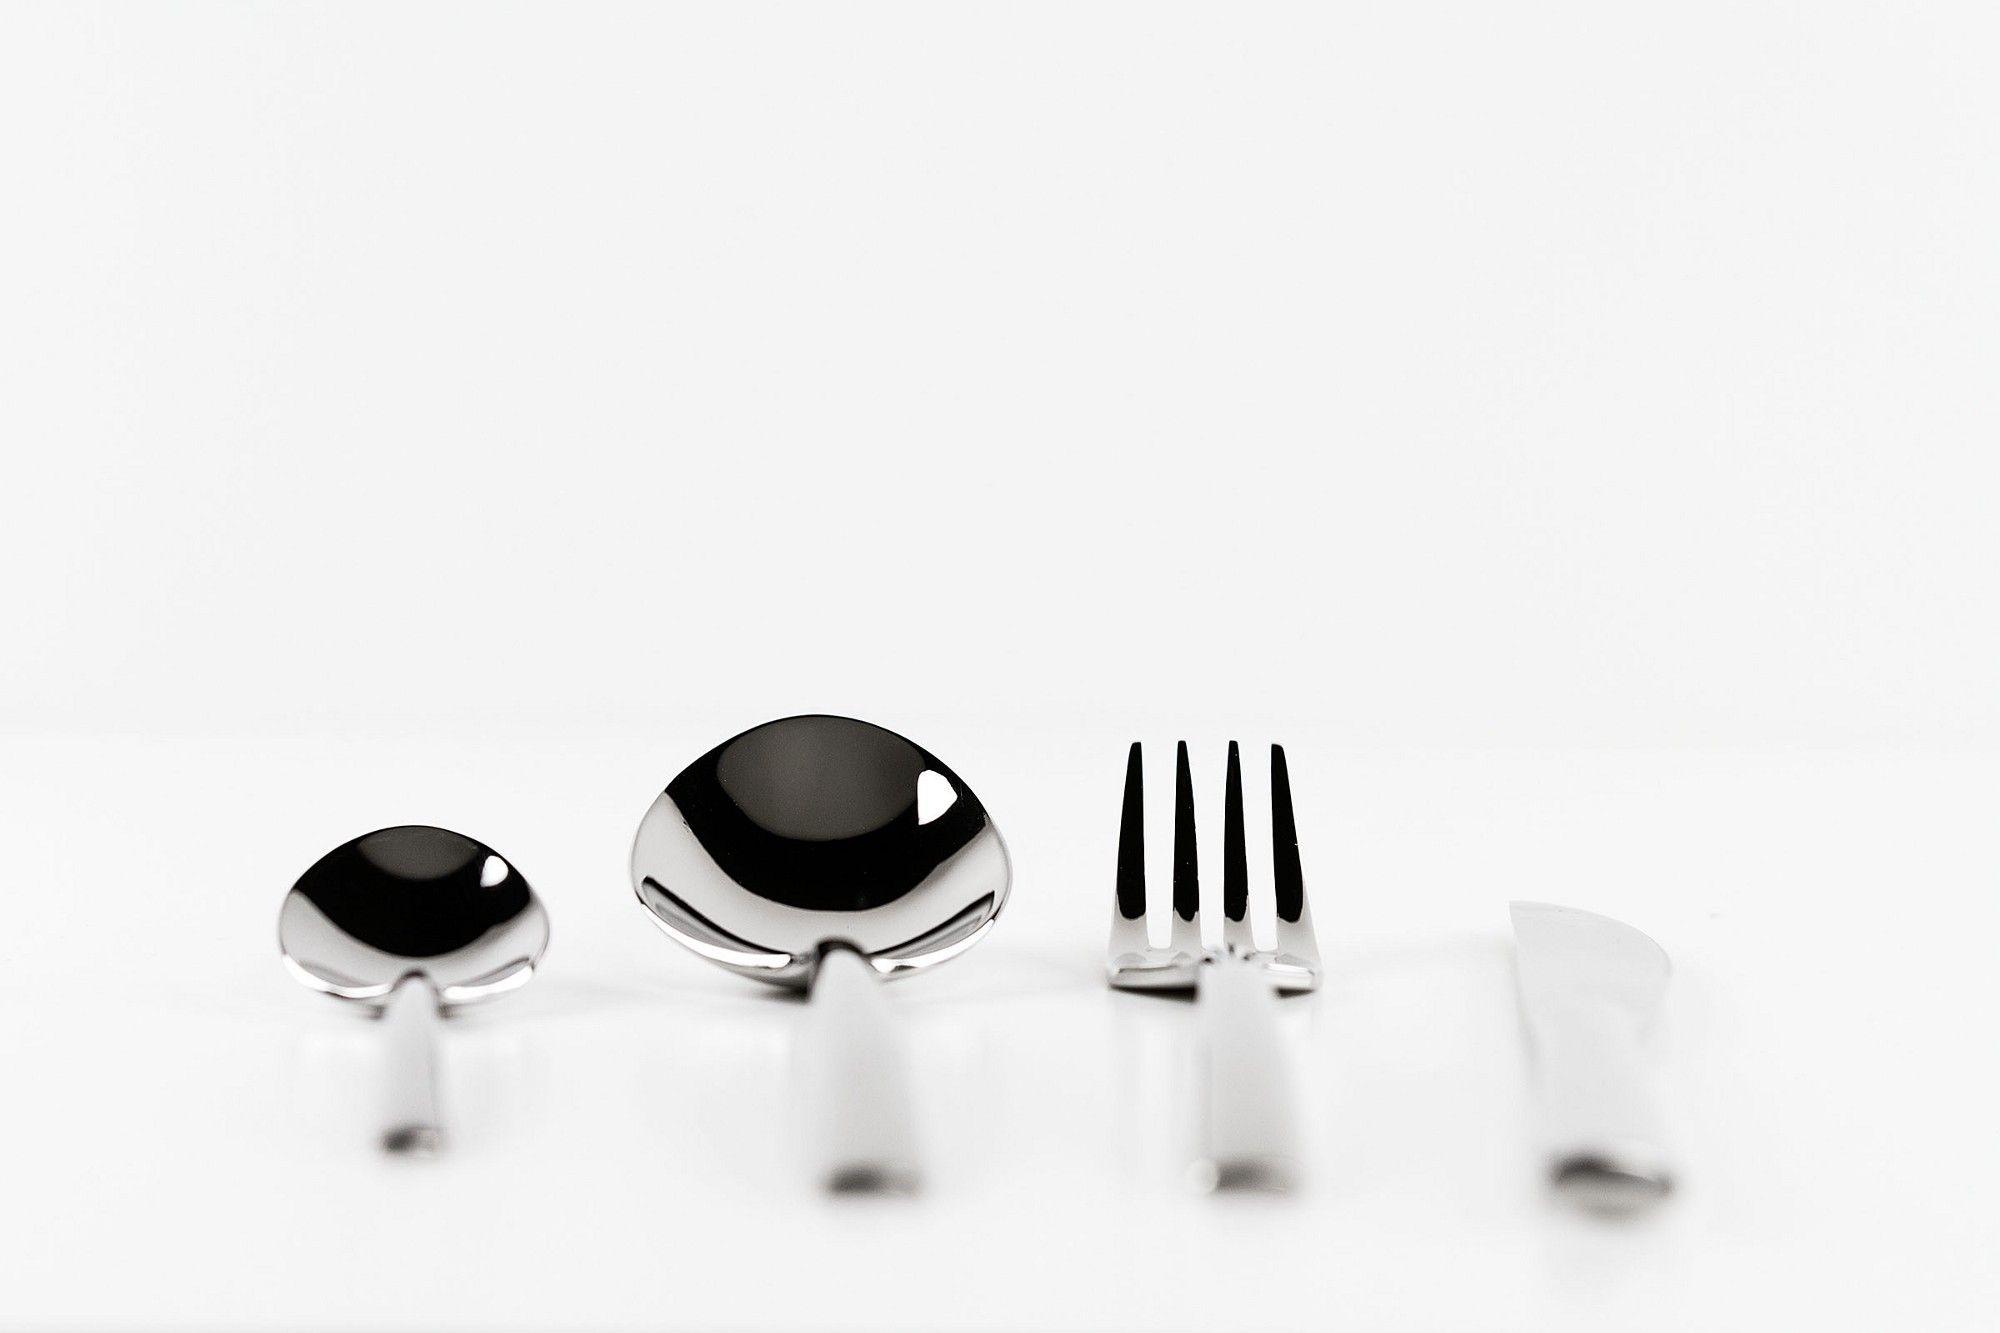 Villeroy & Boch Piemont Cutlery — Things I like — Medium @villeroyandboch